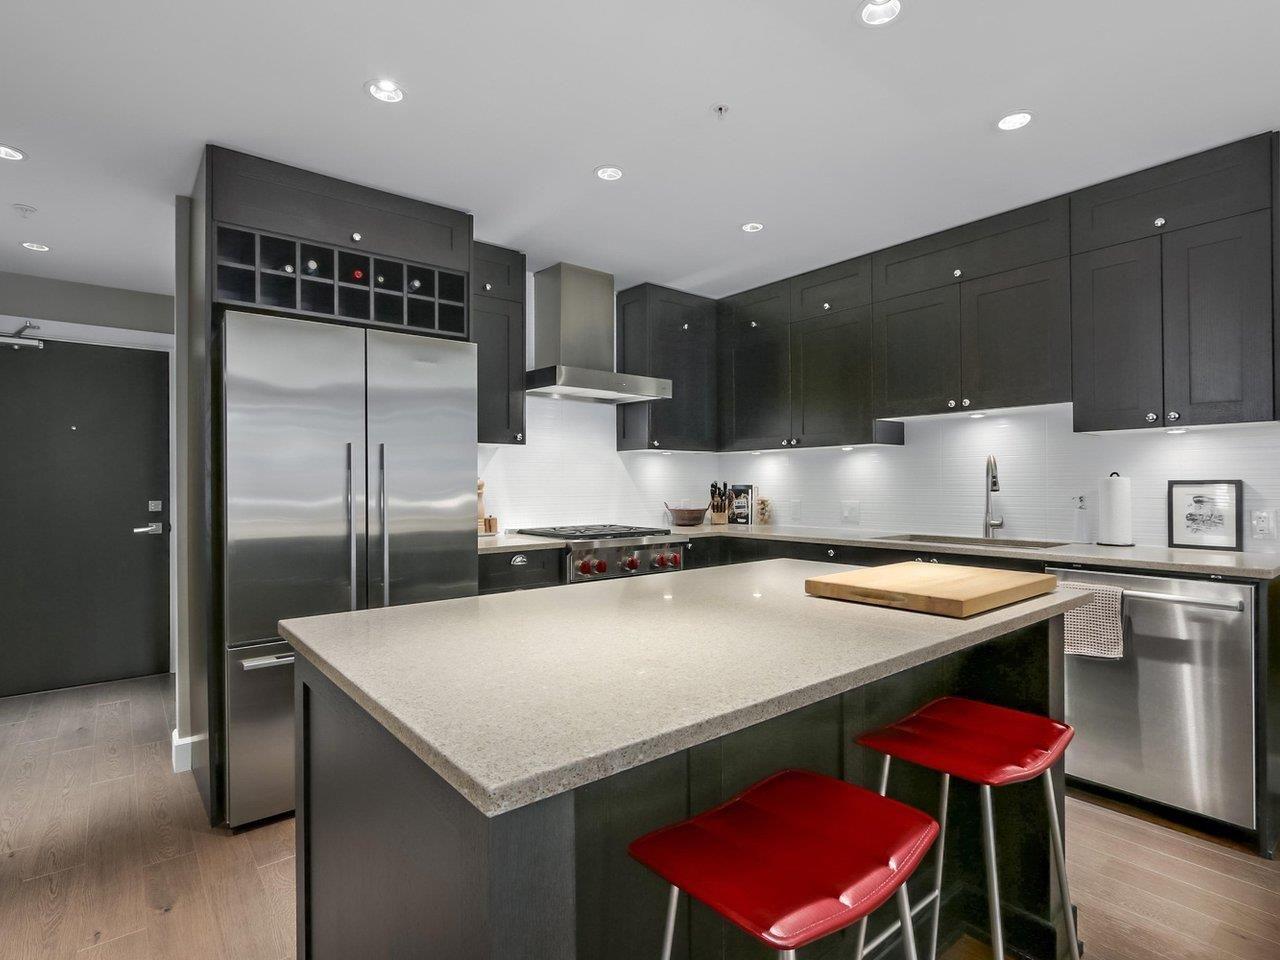 Main Photo: 110 15155 36 Avenue in Surrey: Morgan Creek Condo for sale (South Surrey White Rock)  : MLS®# R2371354